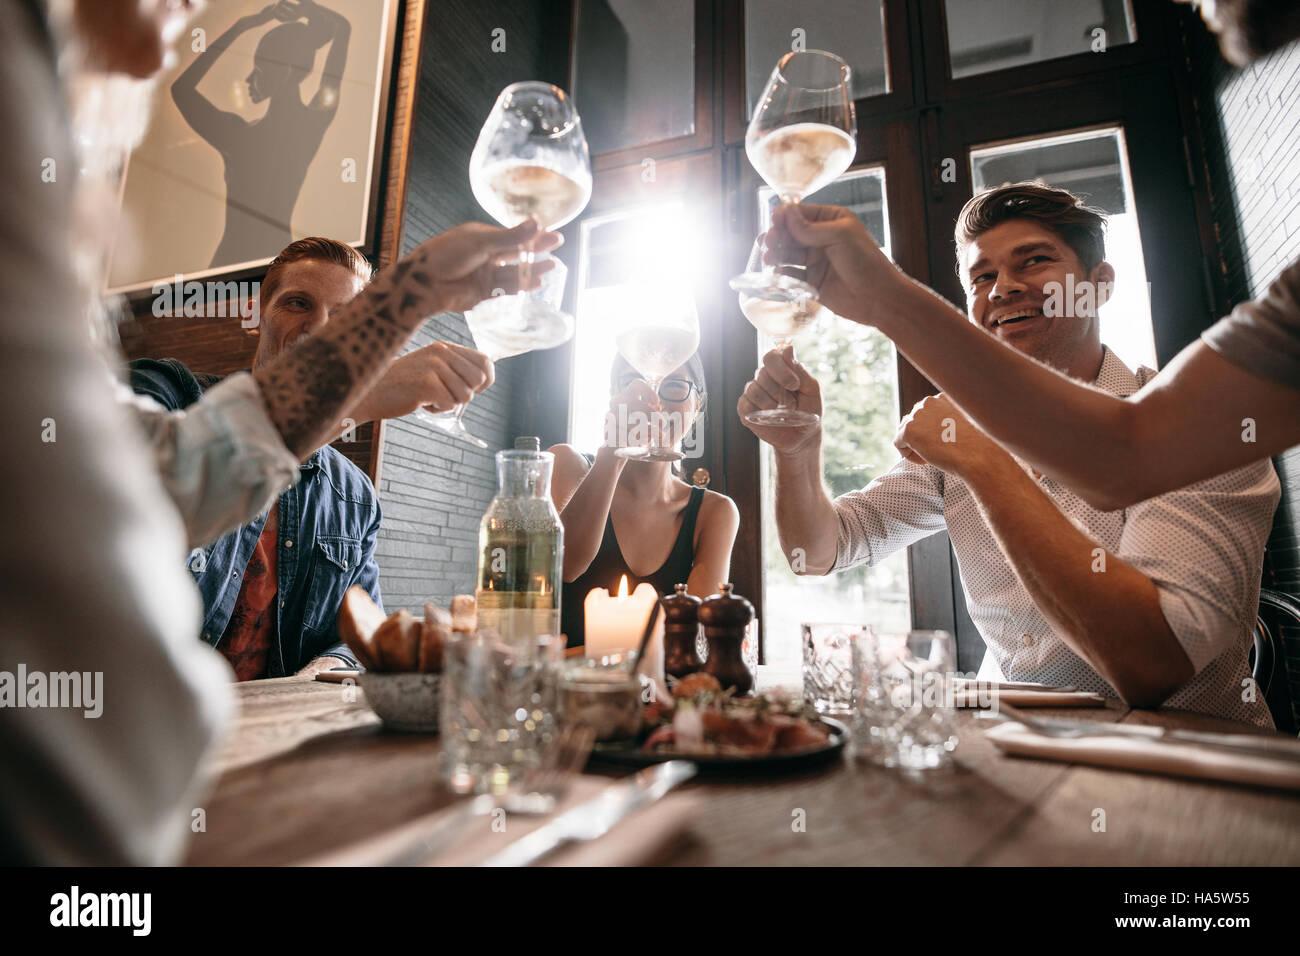 Grupo de jóvenes haciendo un brindis en el restaurante. Hombres y mujeres sentadas en una mesa en el café Imagen De Stock